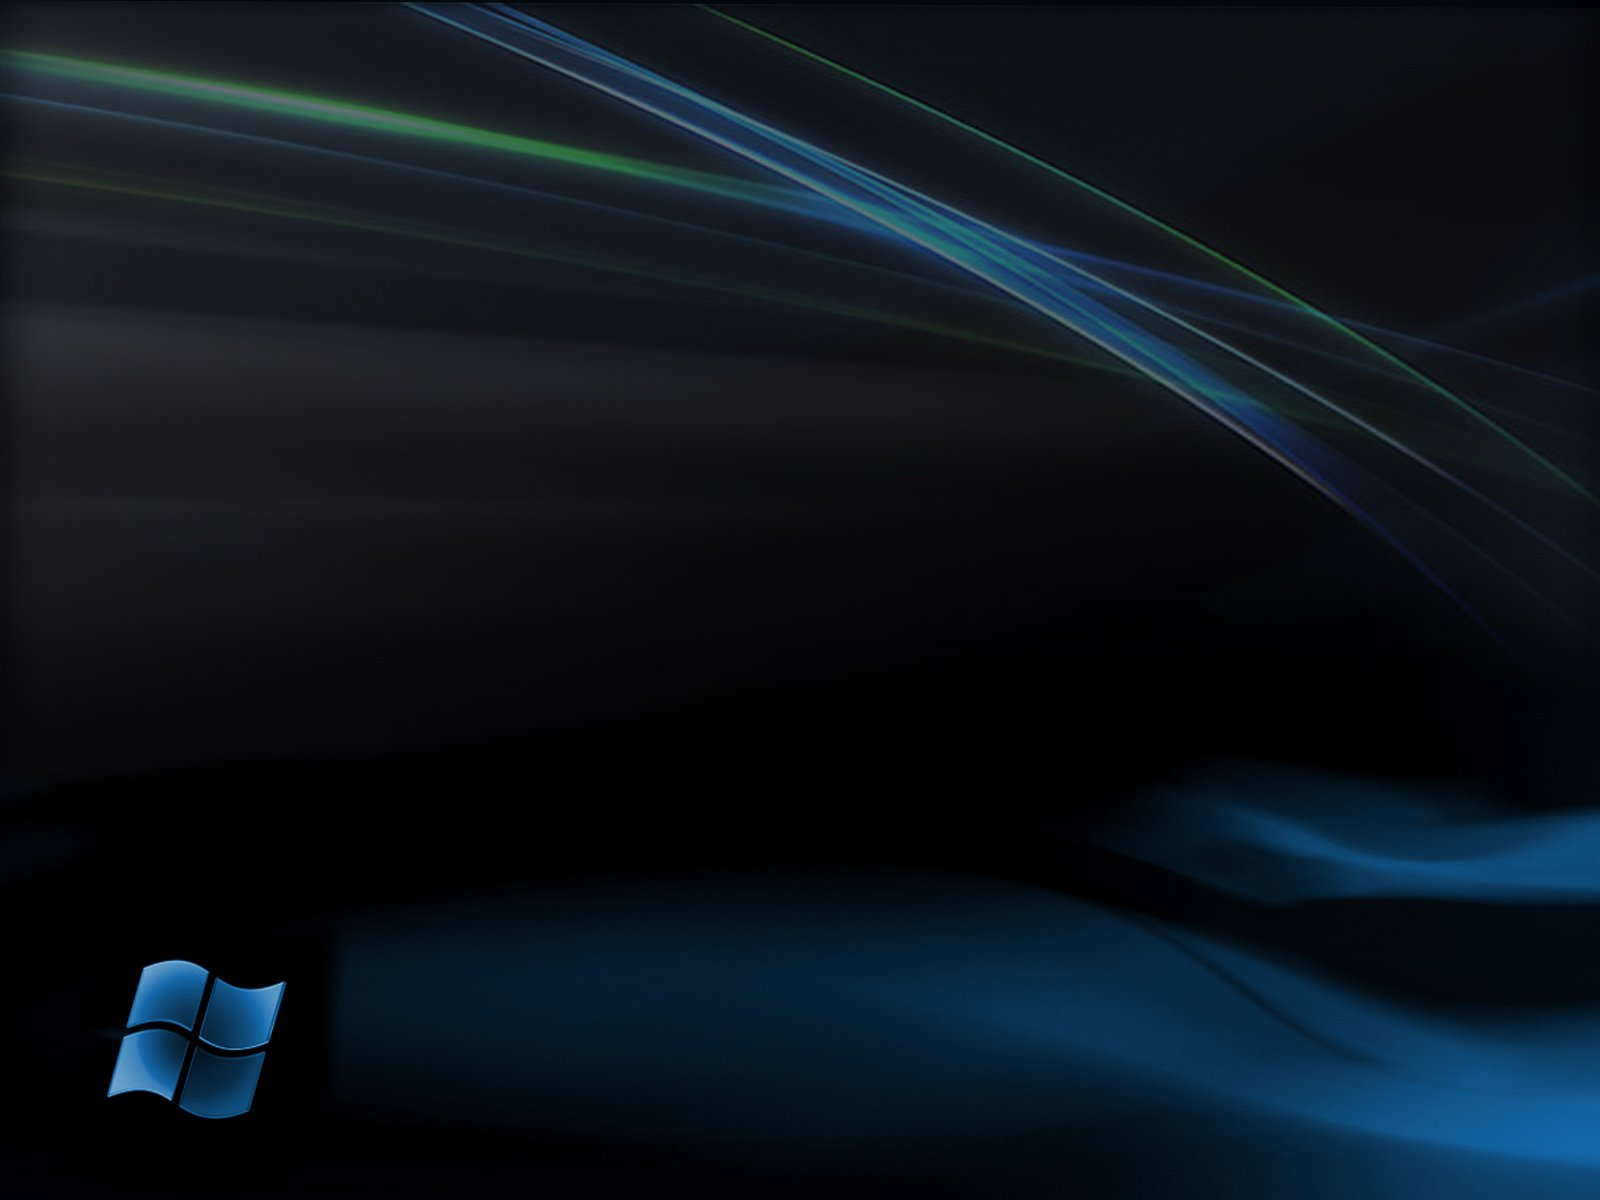 تحميل مجموعة خلفيات ويندوز 7 عالية الجودة HD « أنظمة ...